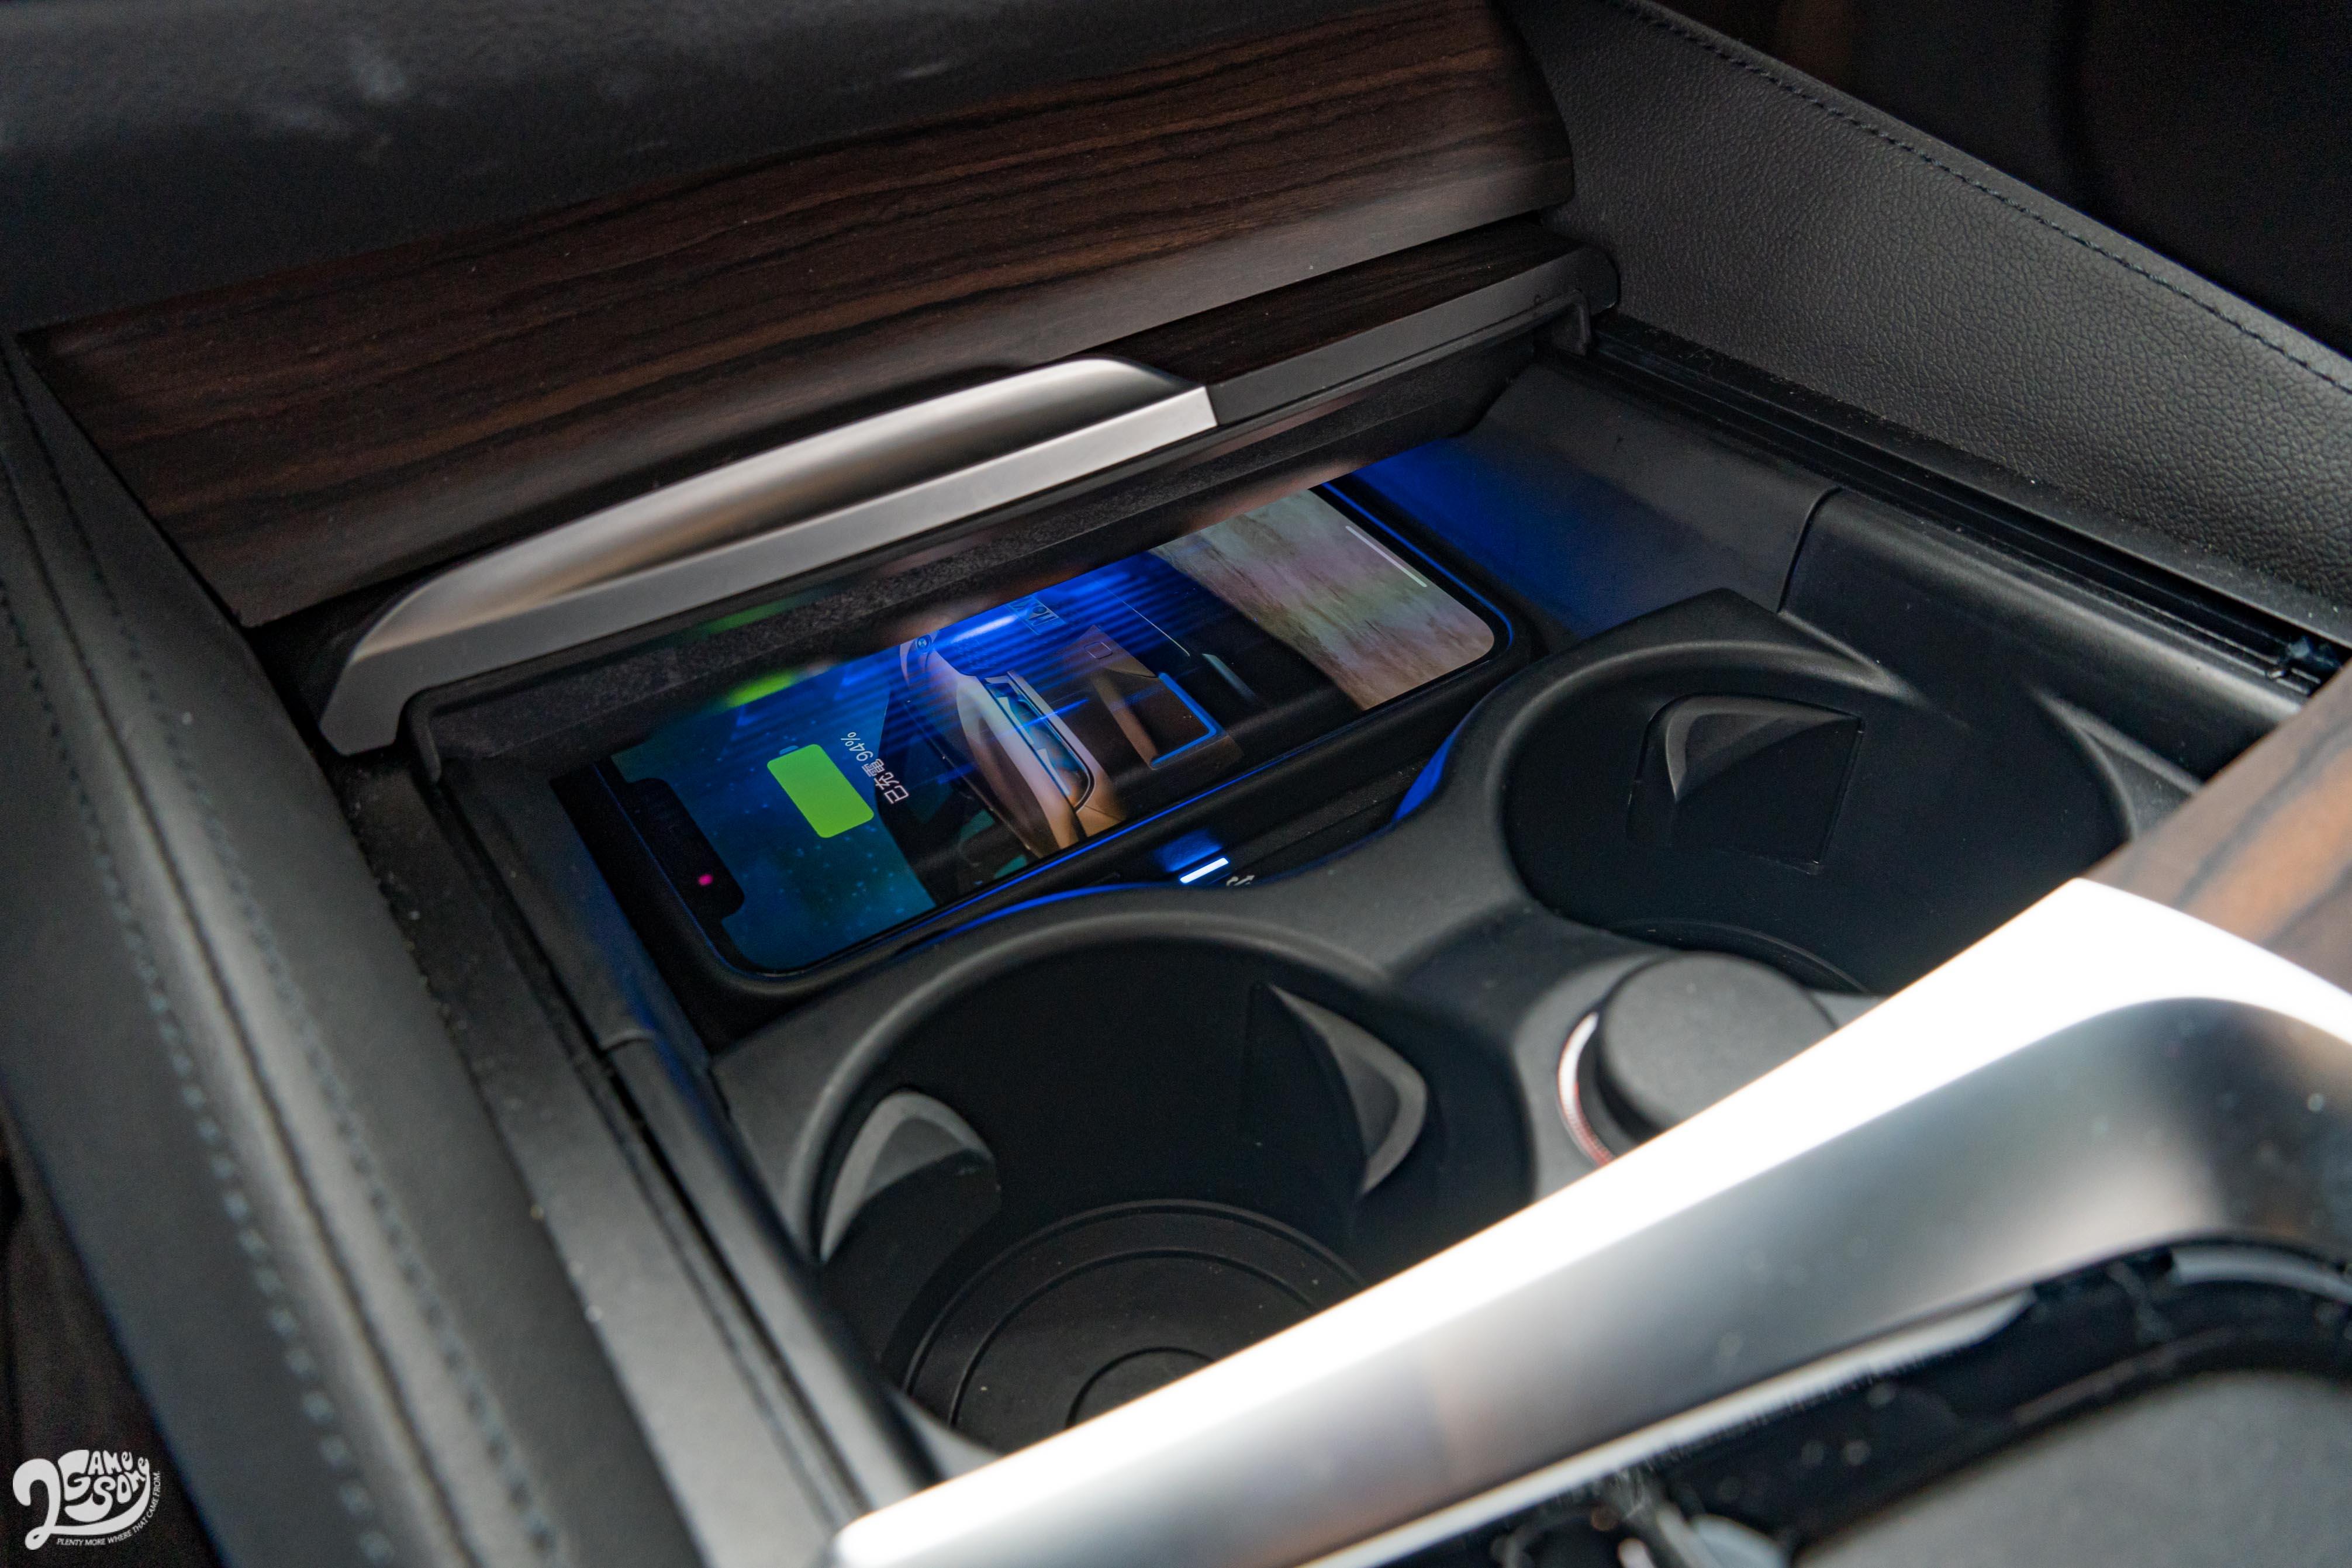 520i M Sport 標配 Sport 版本上是選配的無線充電功能。